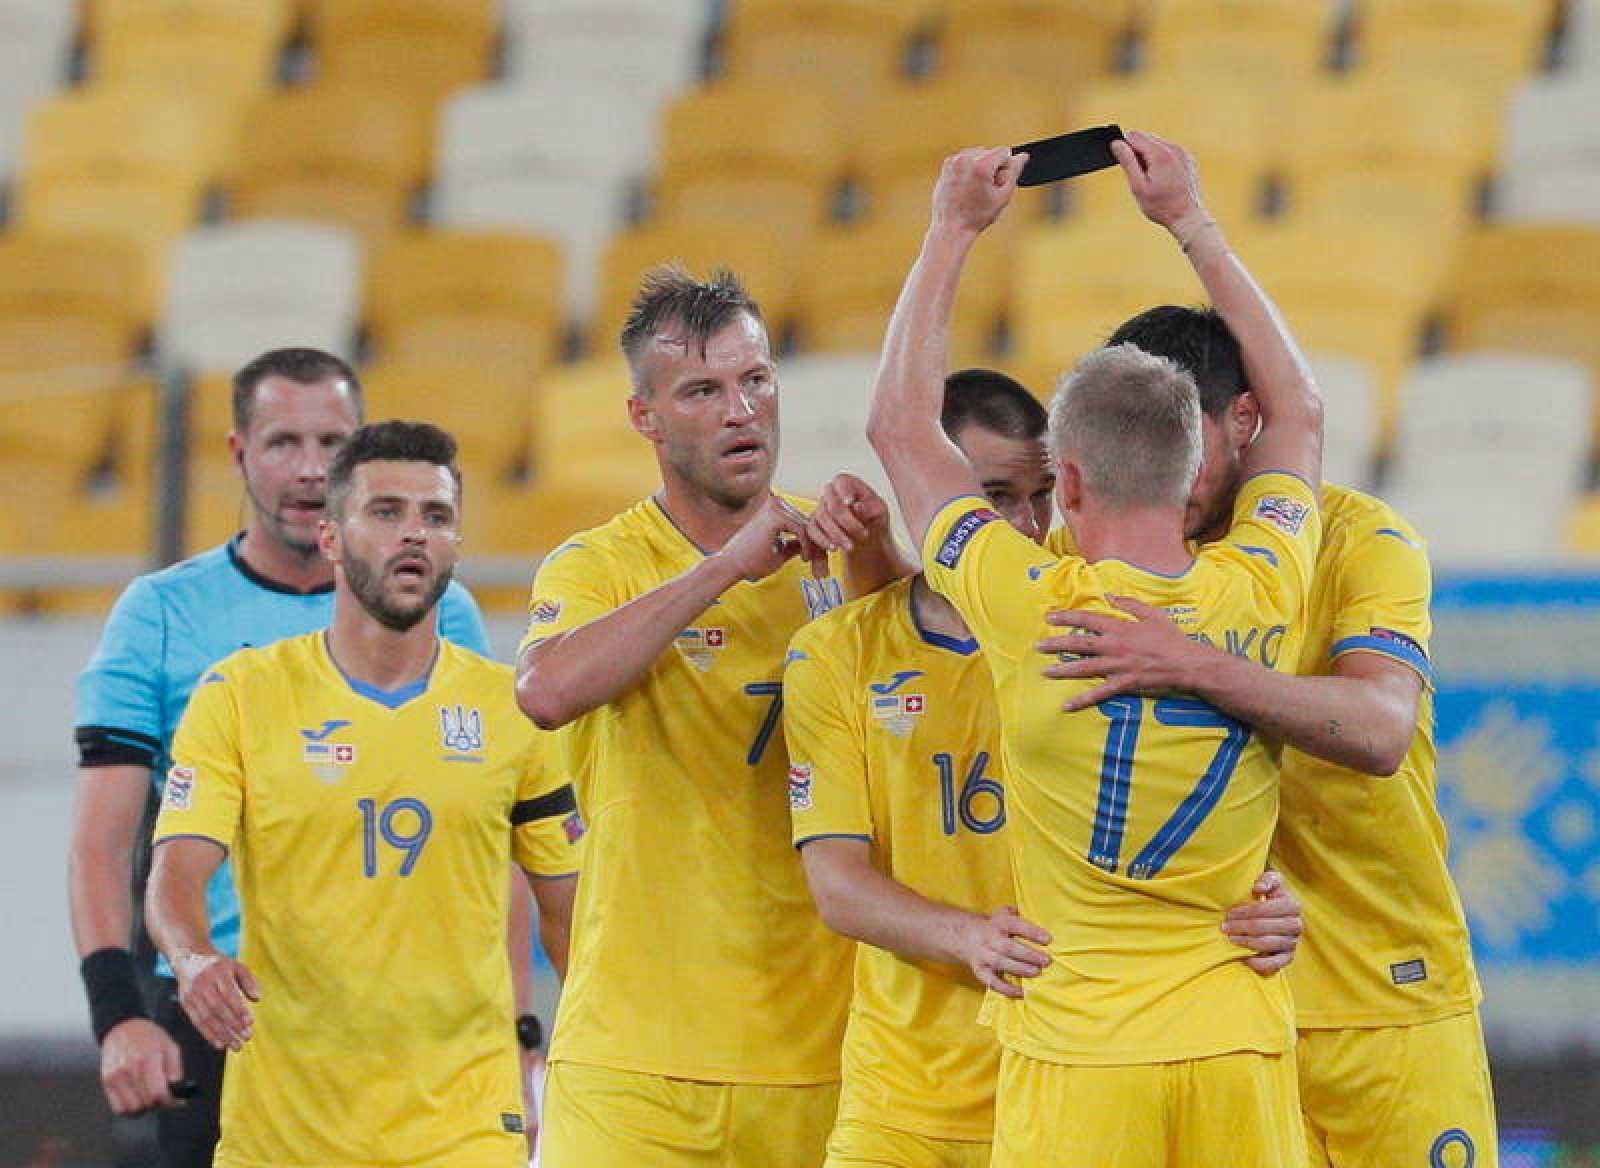 Los jugadores de Ucrania celebran el gol de Zinchenko.